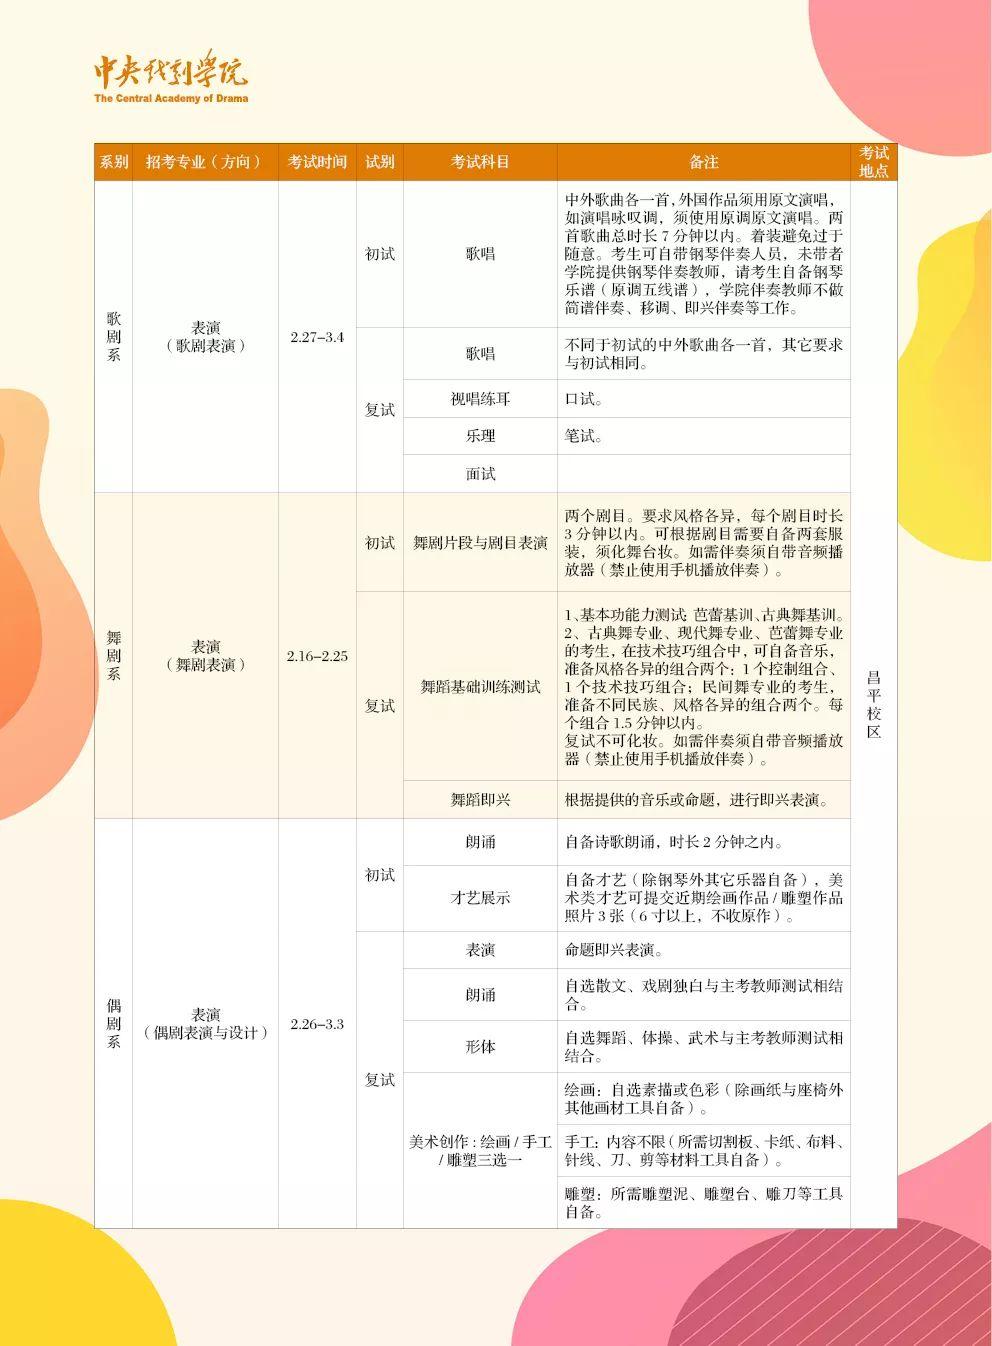 中国传媒大学,北京电影学院,中央戏剧学院,北京巅峰广艺画室       44